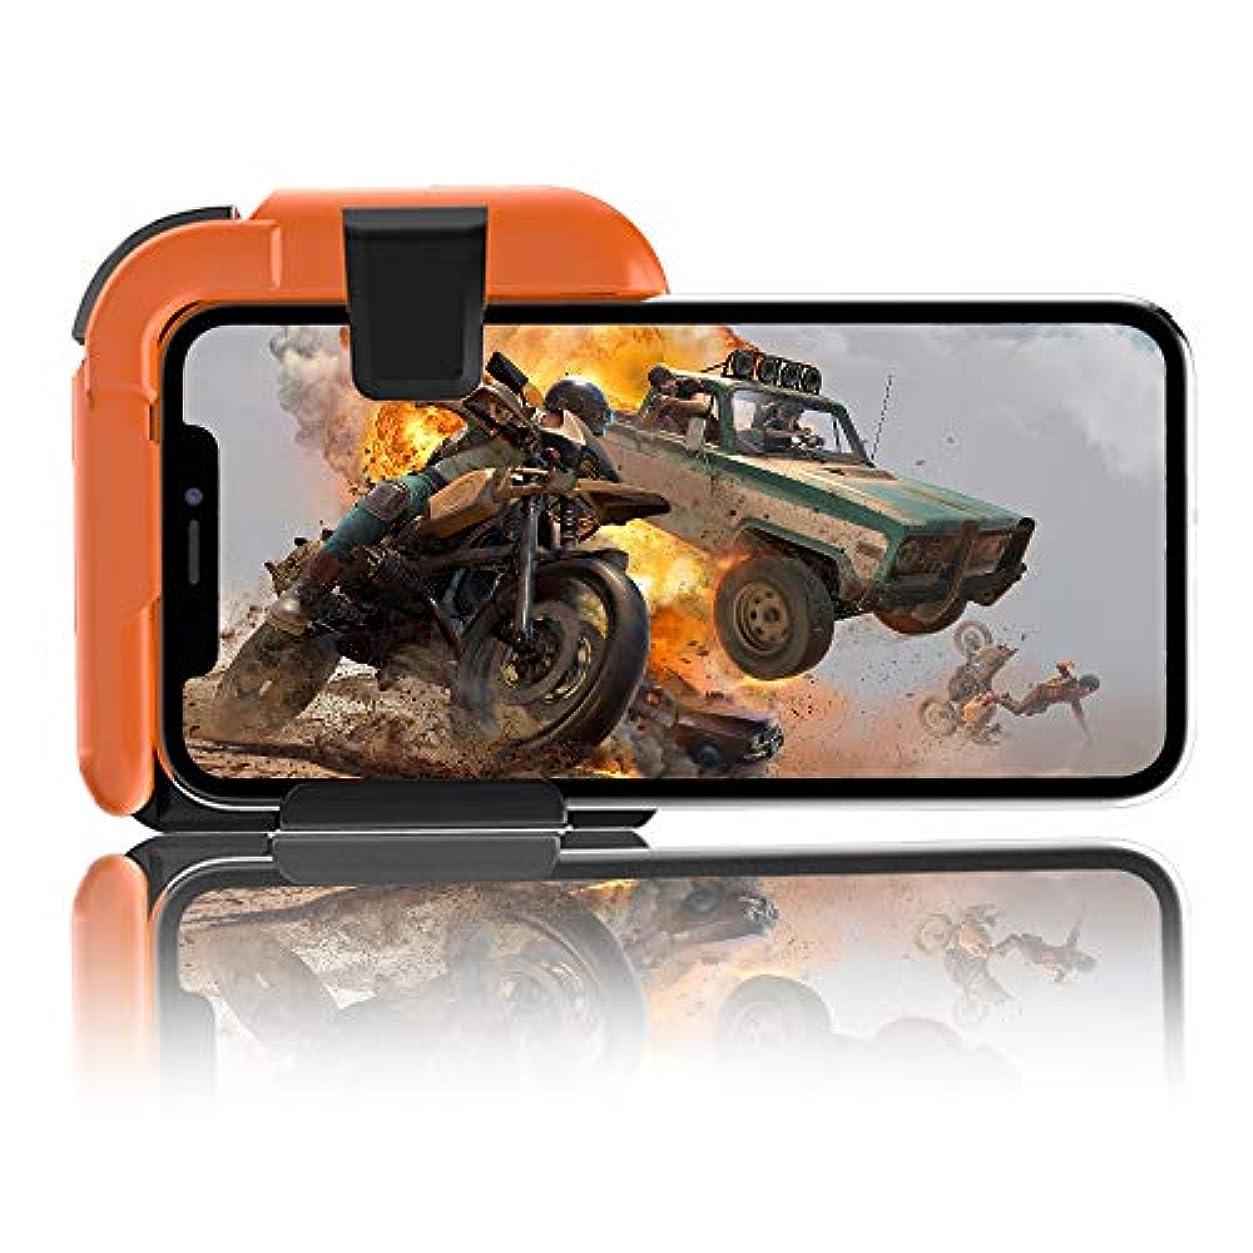 【2019年最新版】 荒野行動 PUBG Mobile ゲームコントローラー 片手操作 引き金式高速射撃ボタン ゲームパッド クリック感 優れたゲーム体験 エイムアシスト iPhone Android 等対応